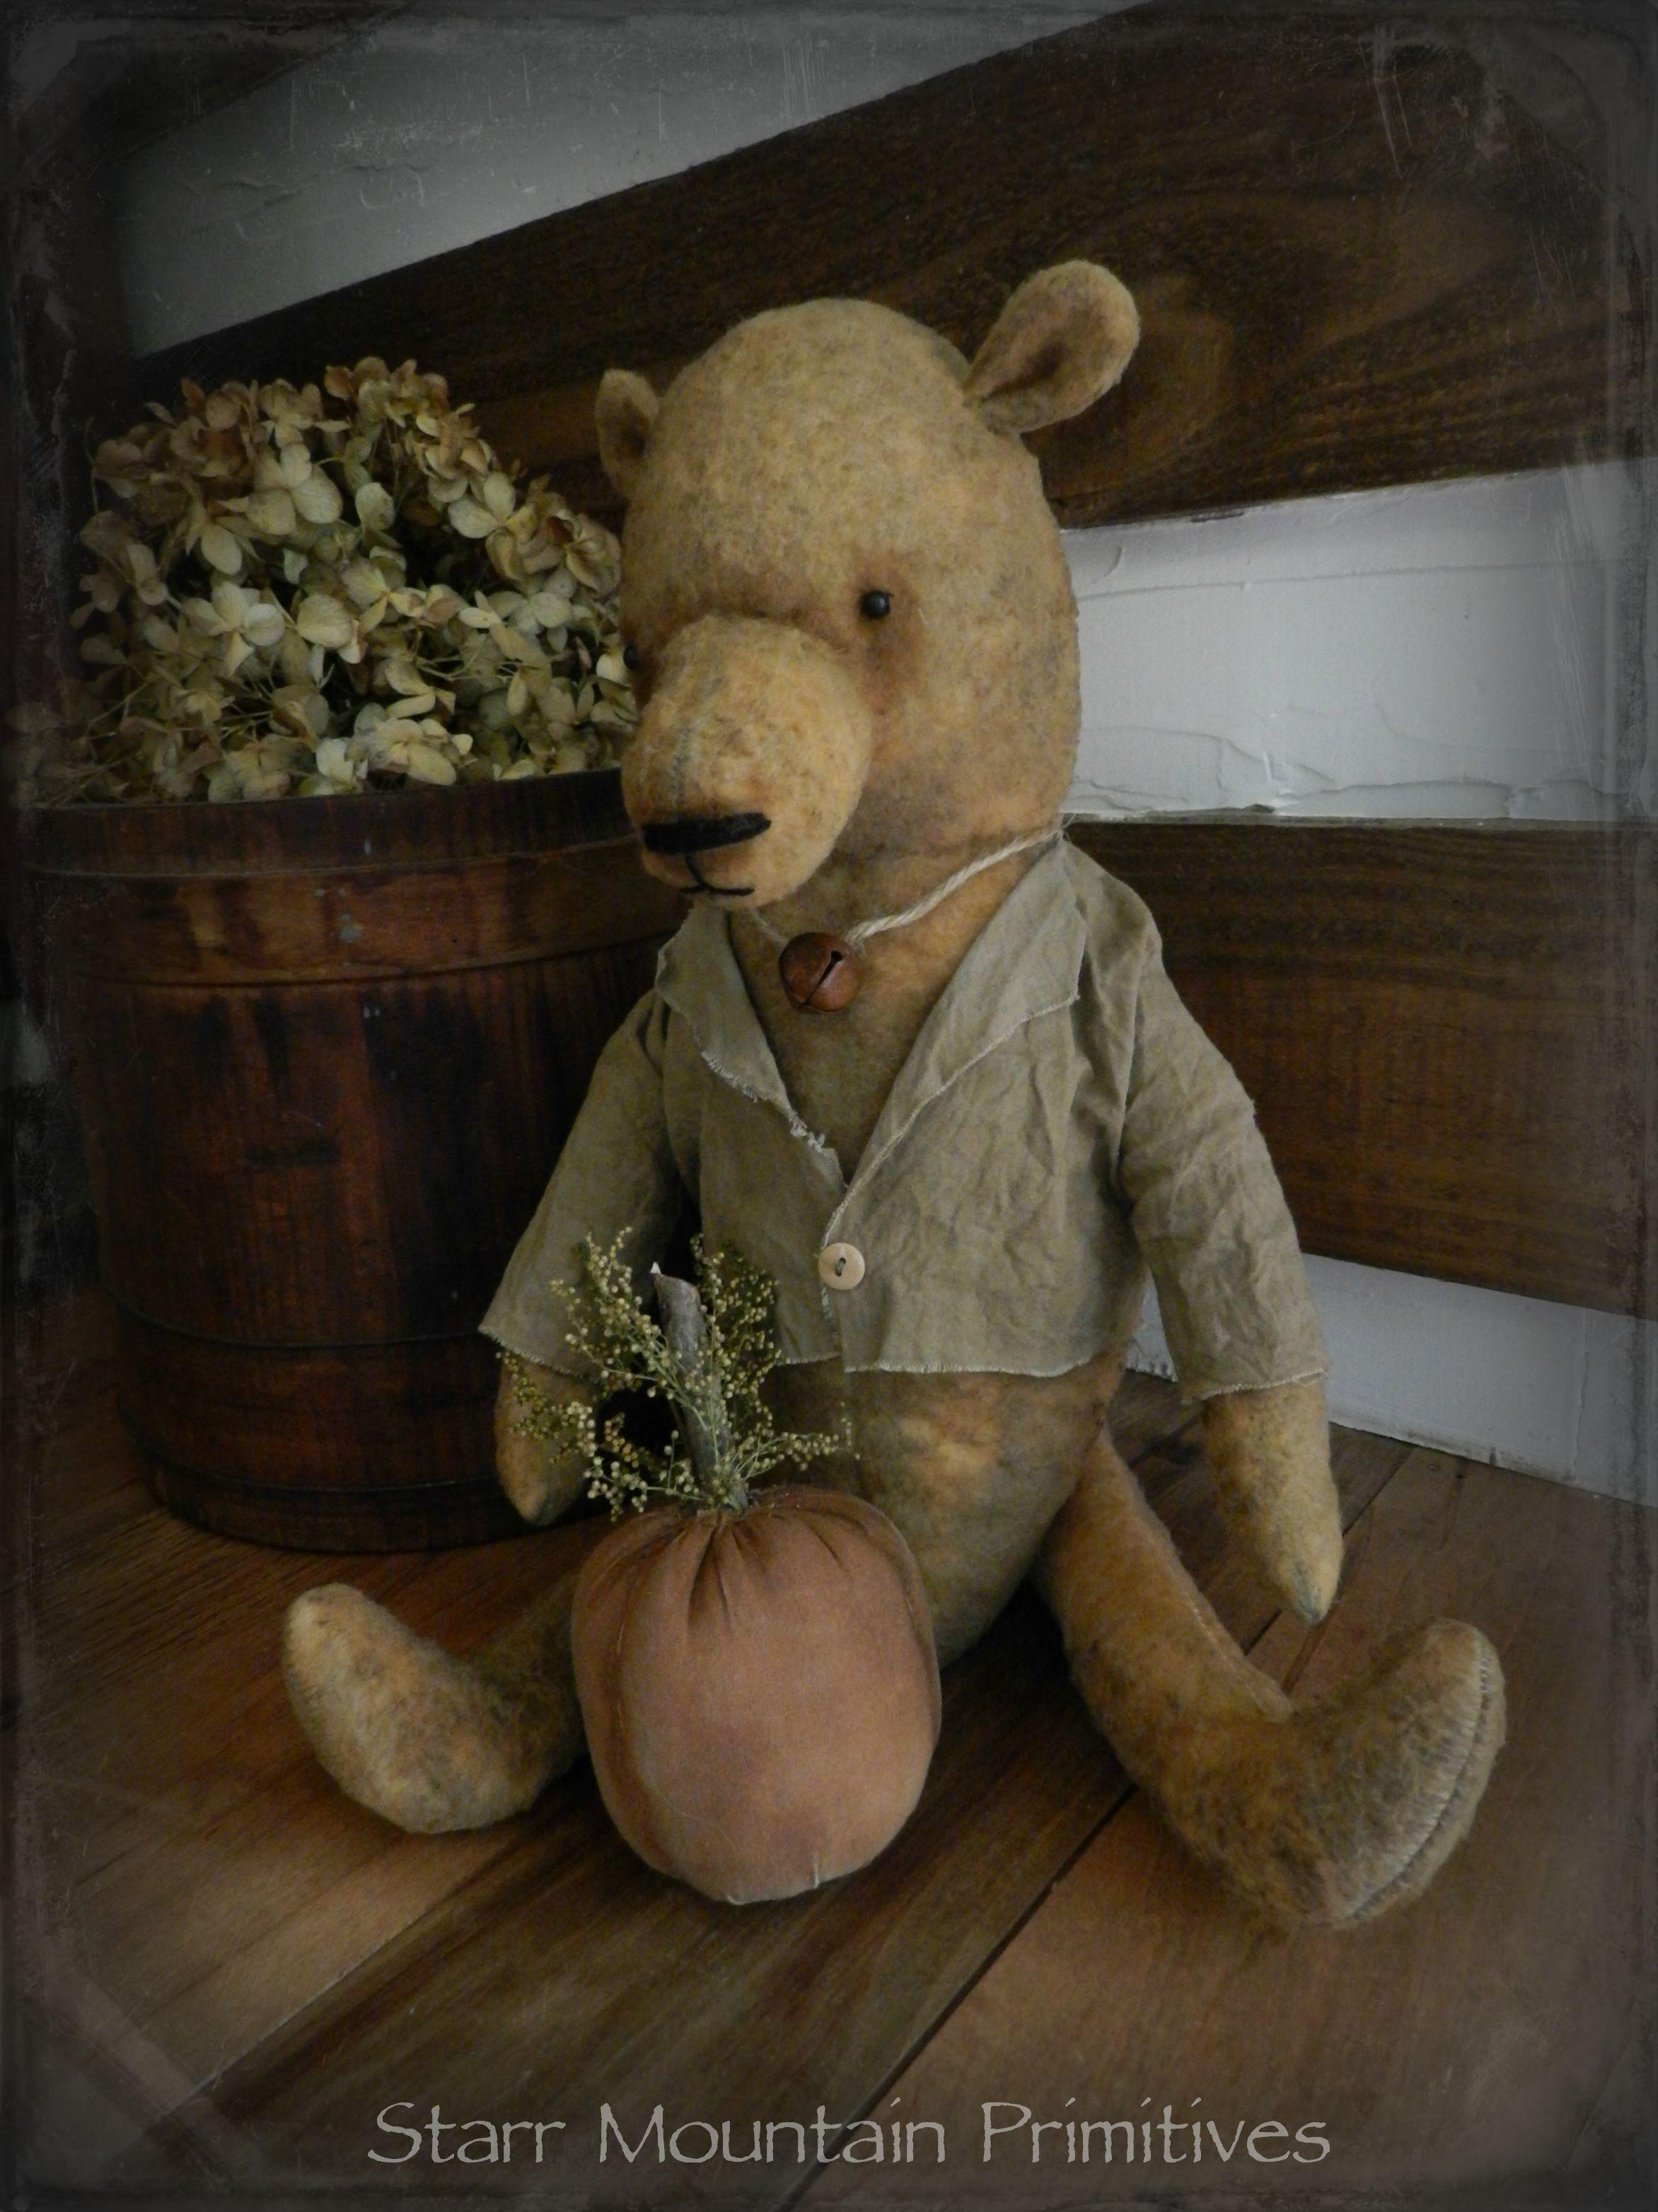 Primitive Harvest Bear with Pumpkin https://www.facebook.com/Starr-Mountain-Primitives-228548684018/timeline/